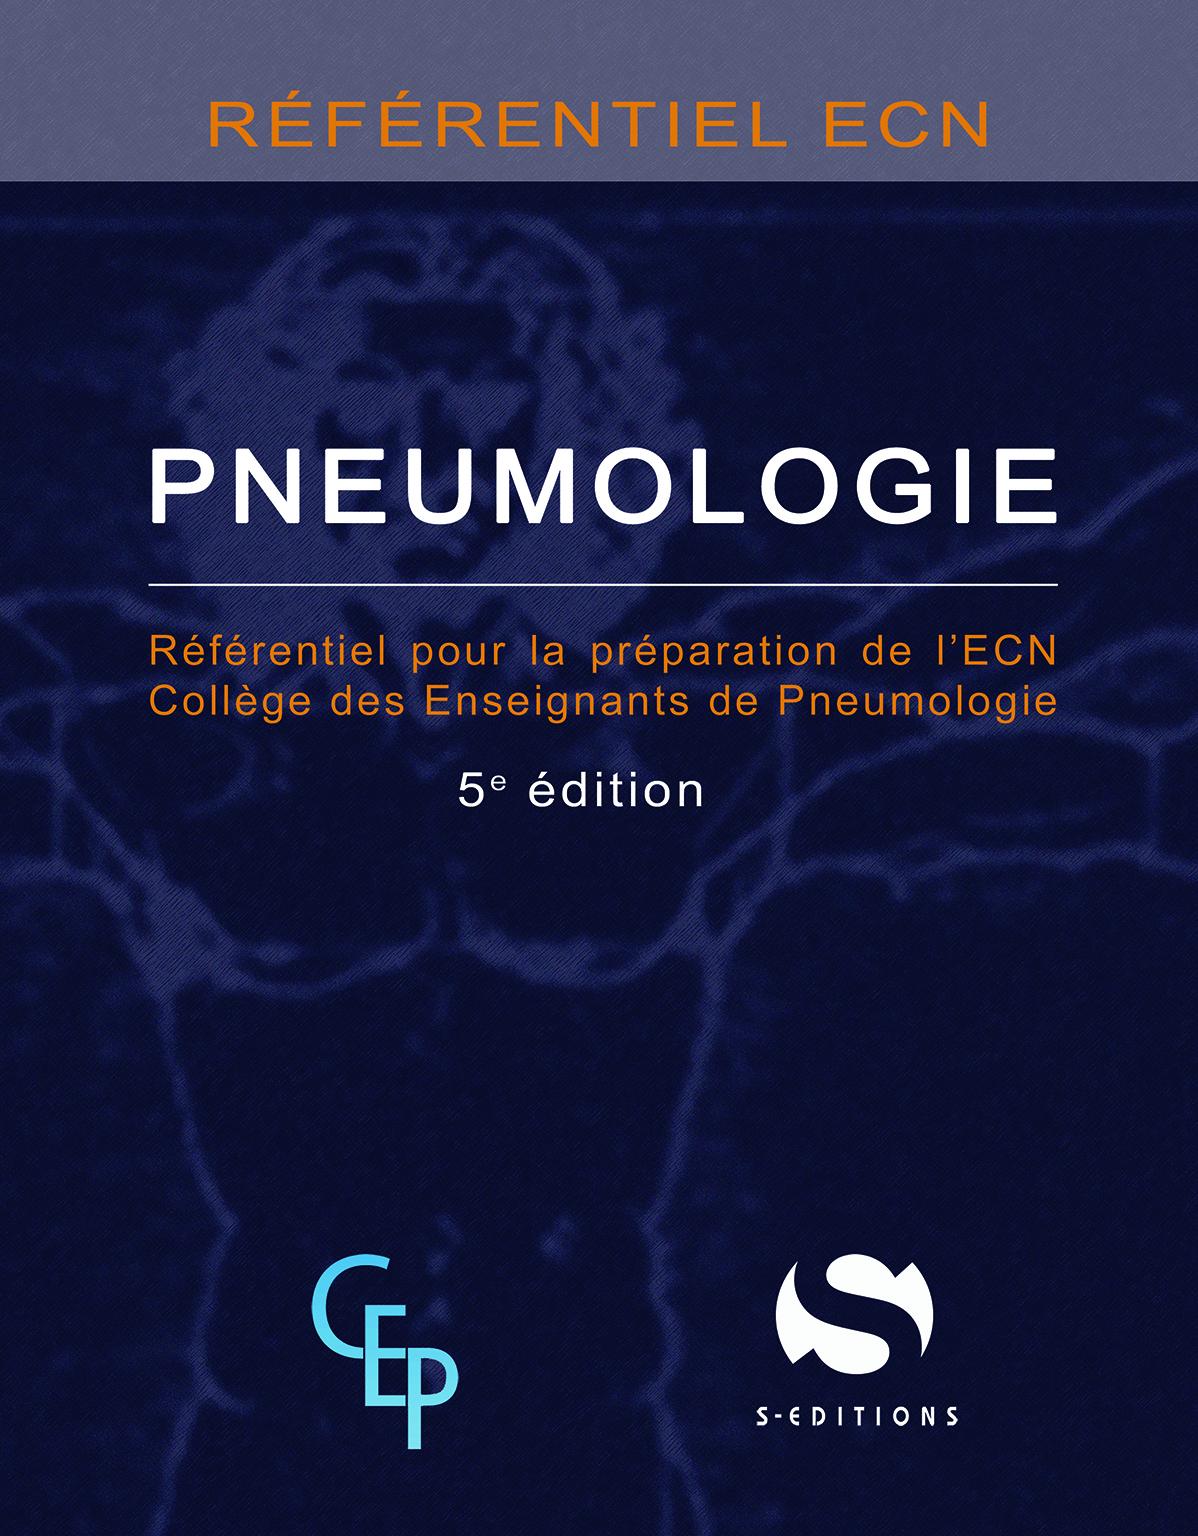 PNEUMOLOGIE REFERENTIEL ECN 5EME EDITION